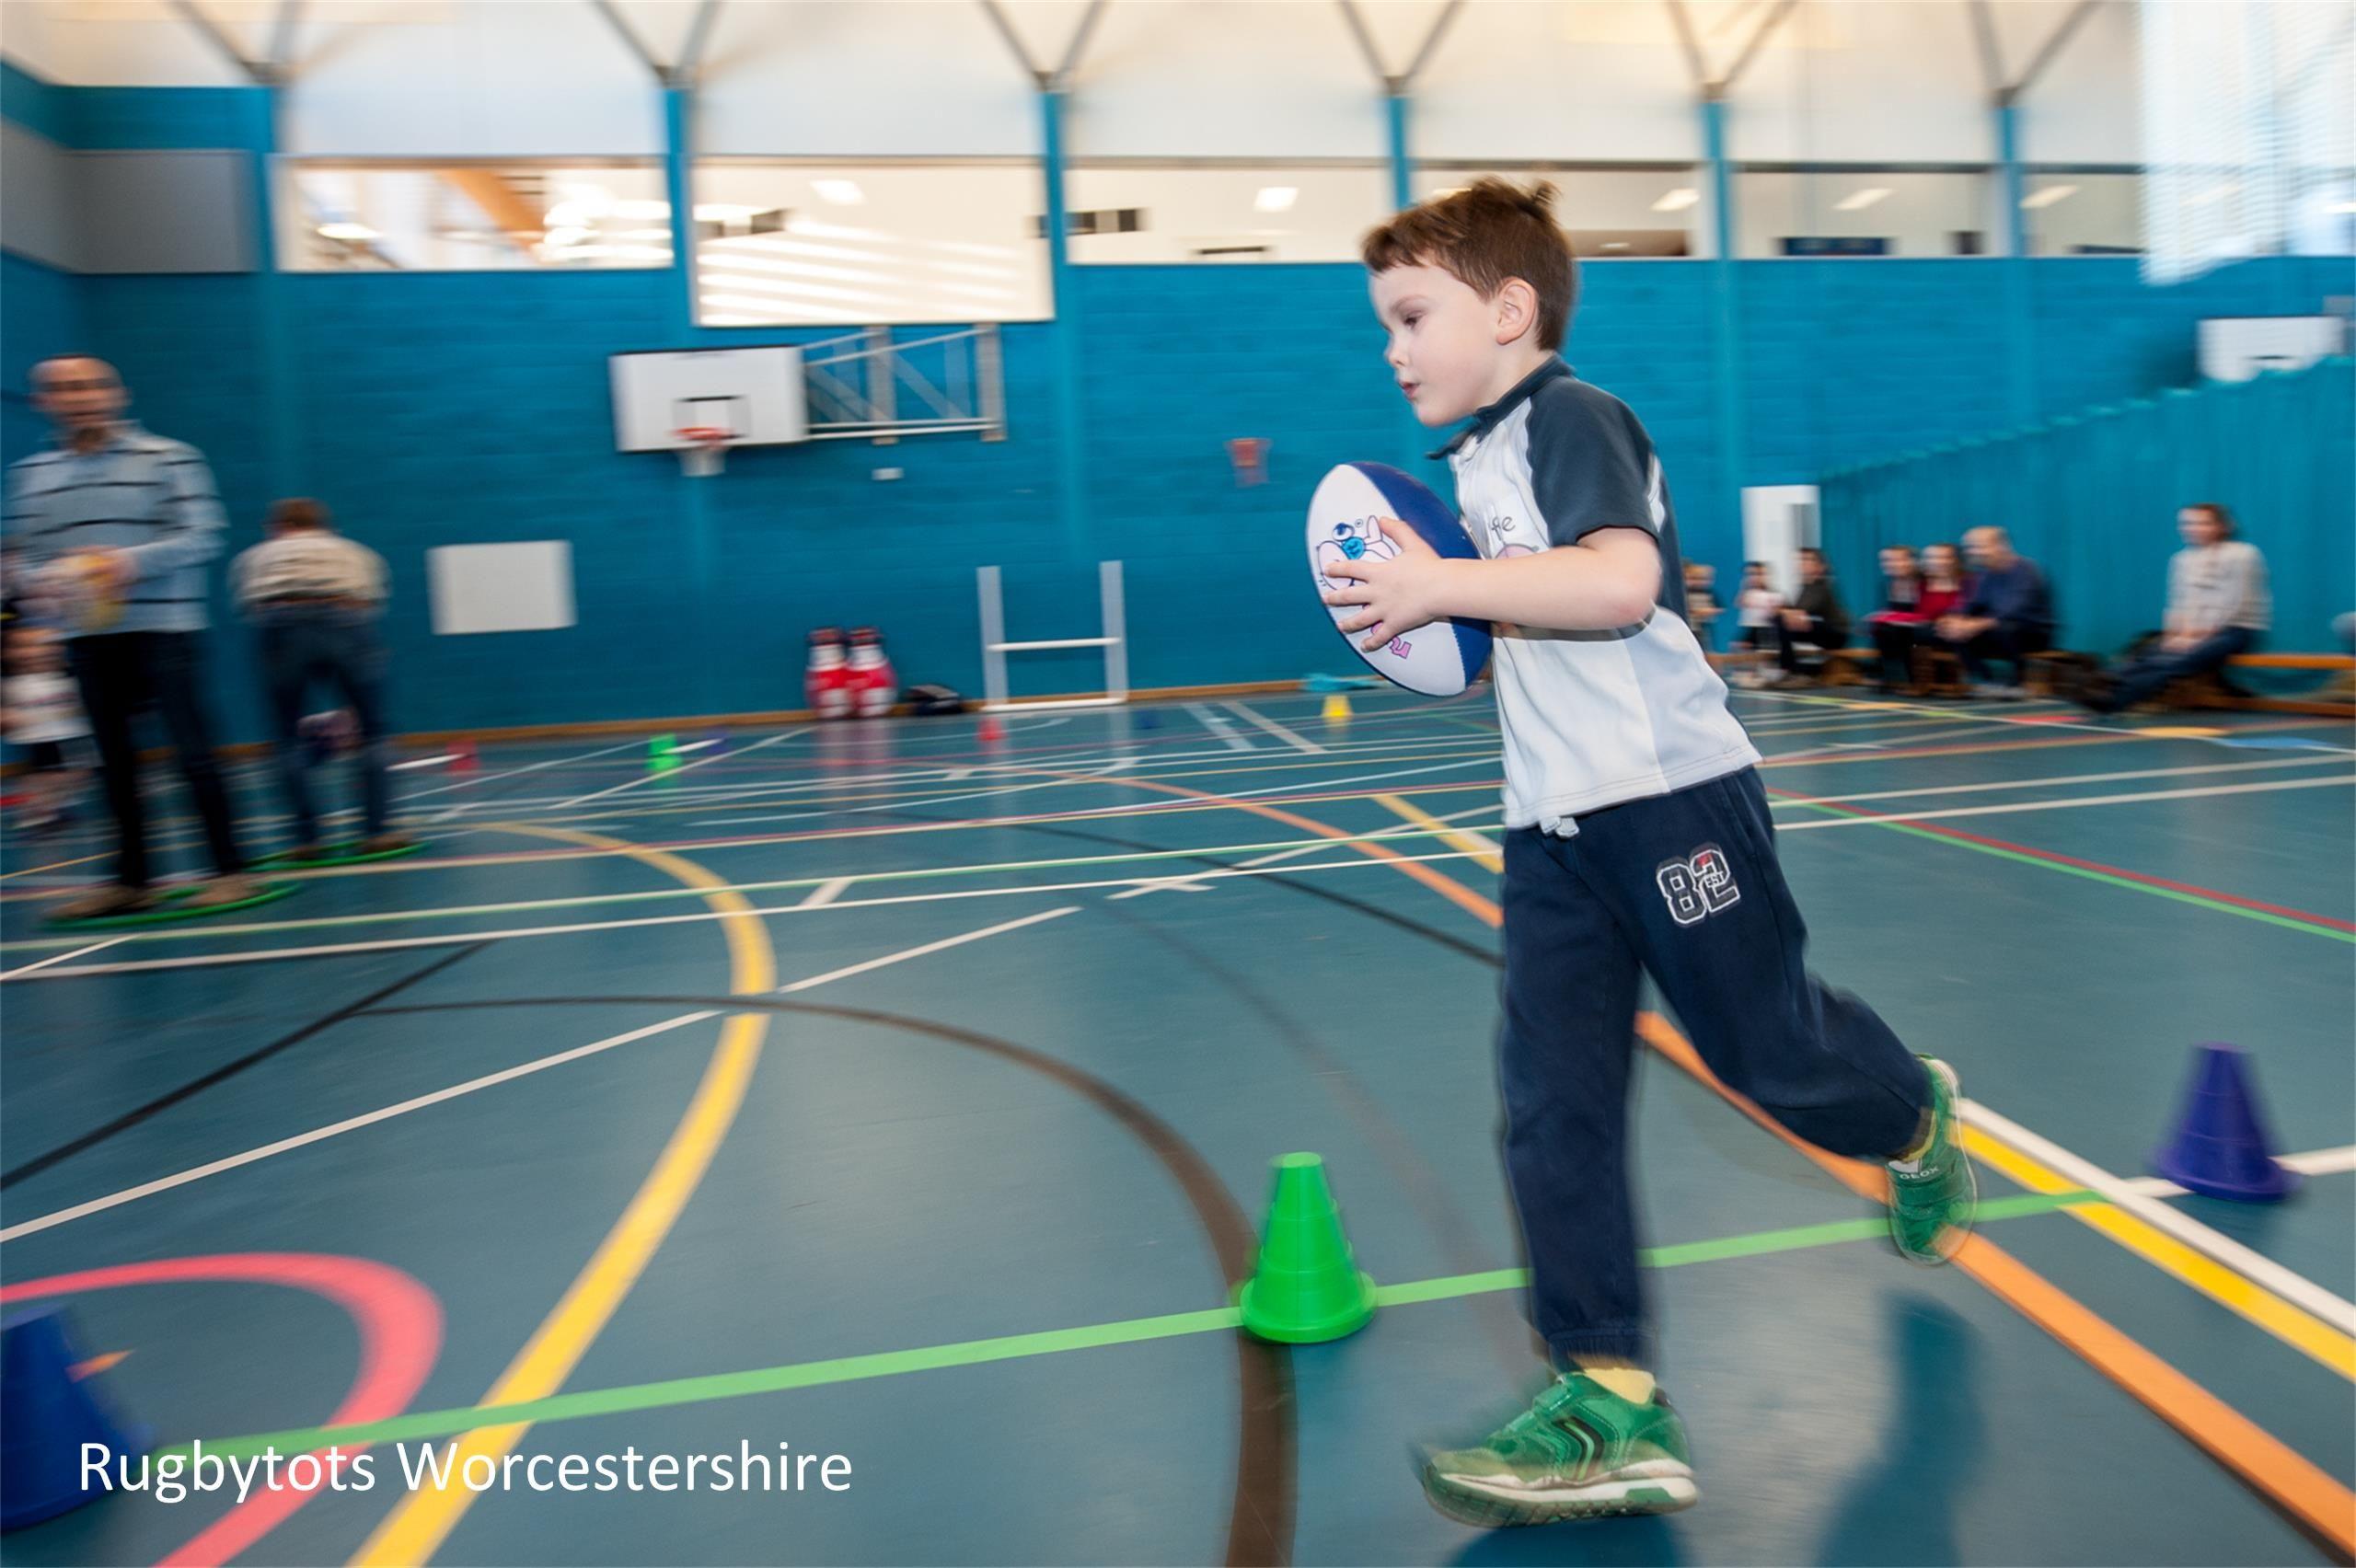 Pin på Rugbytots Action